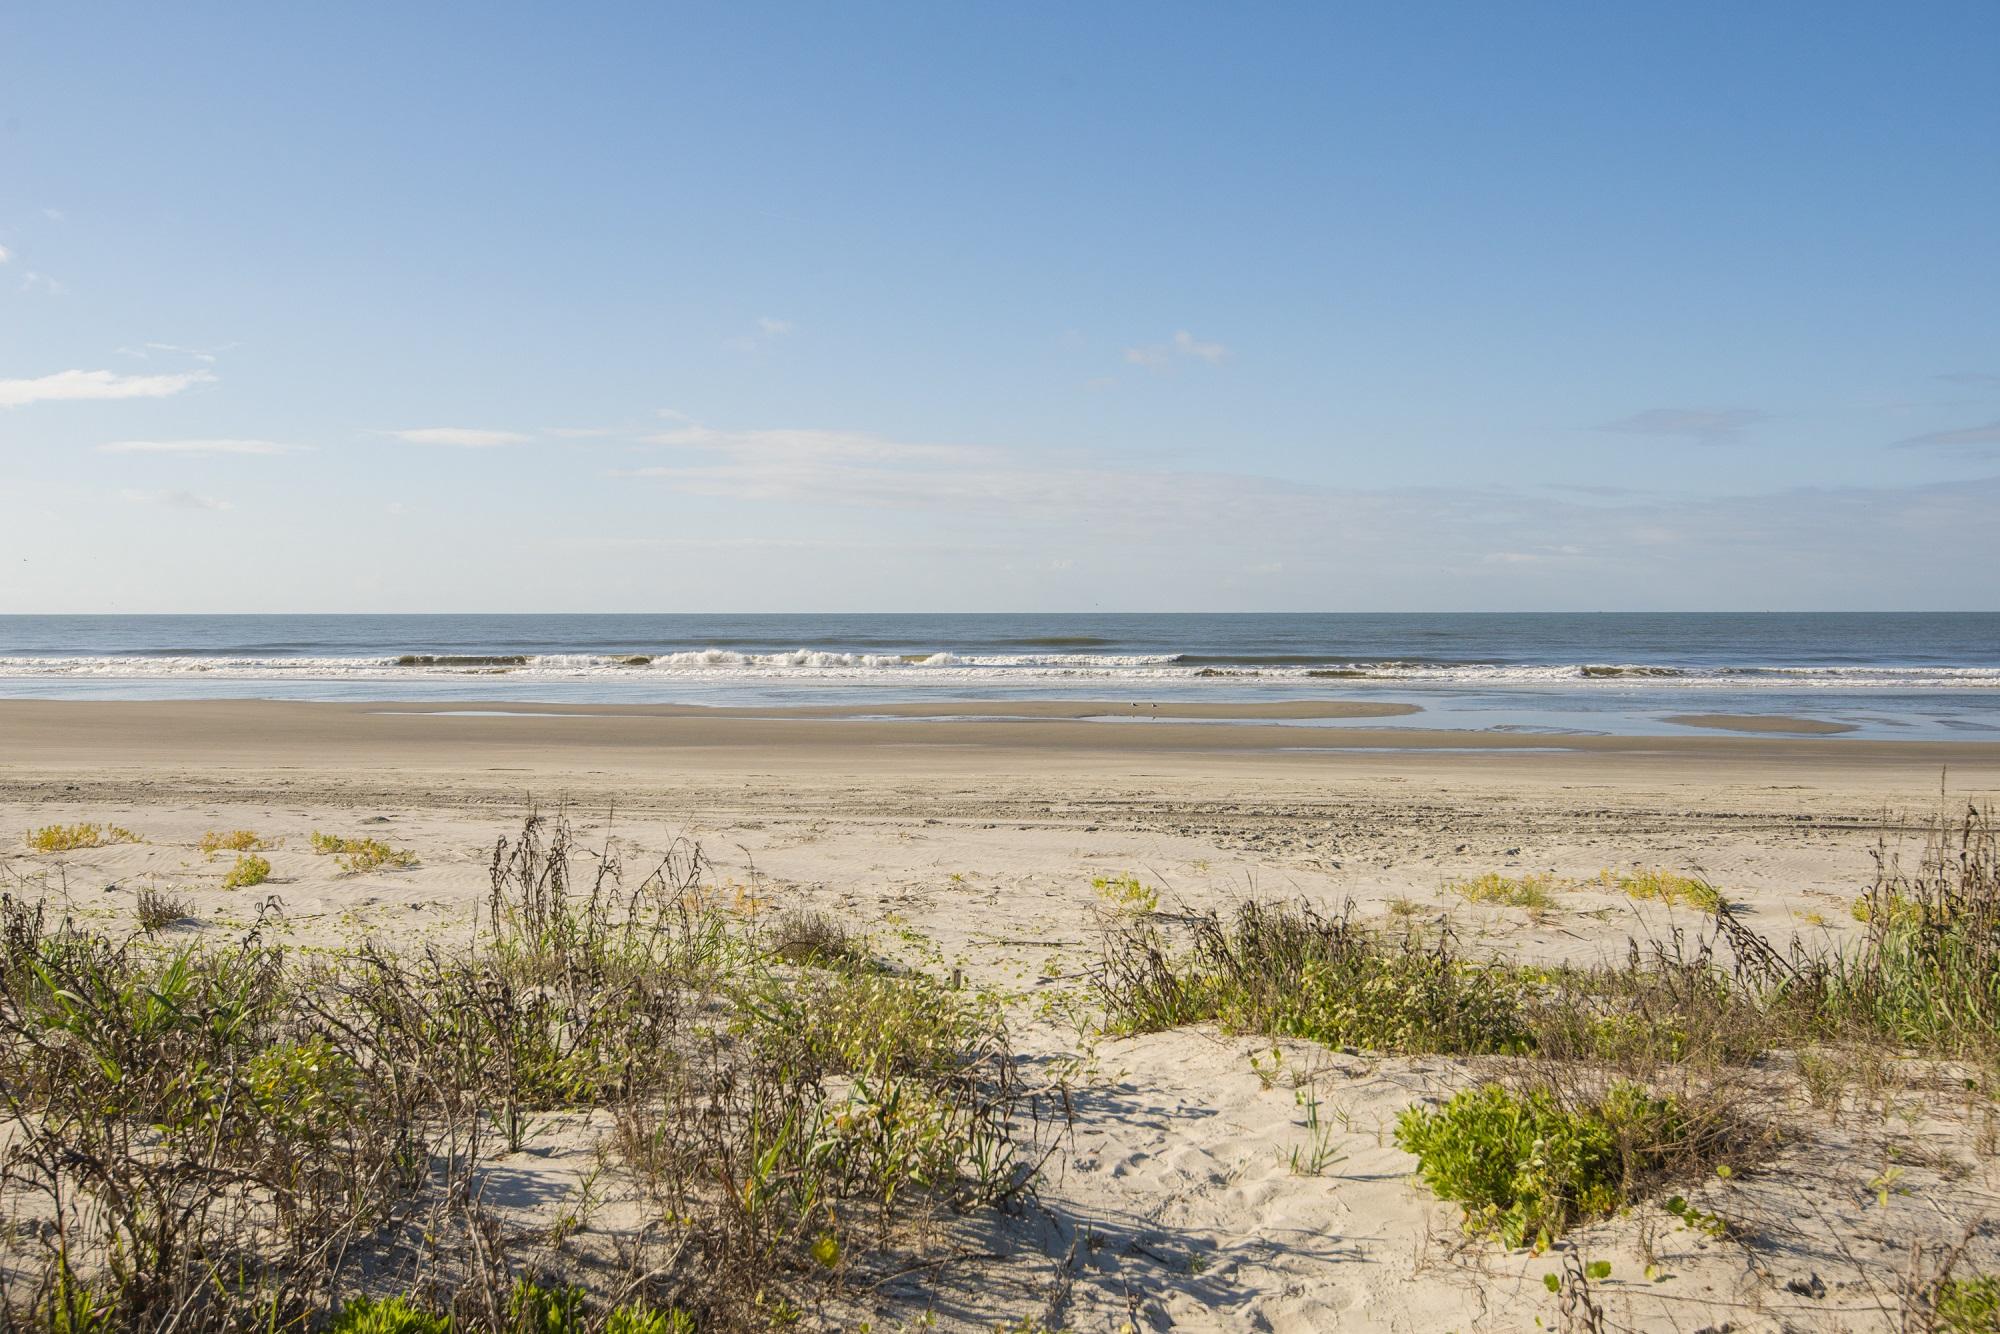 Vanderhorst Beach in Photos 2